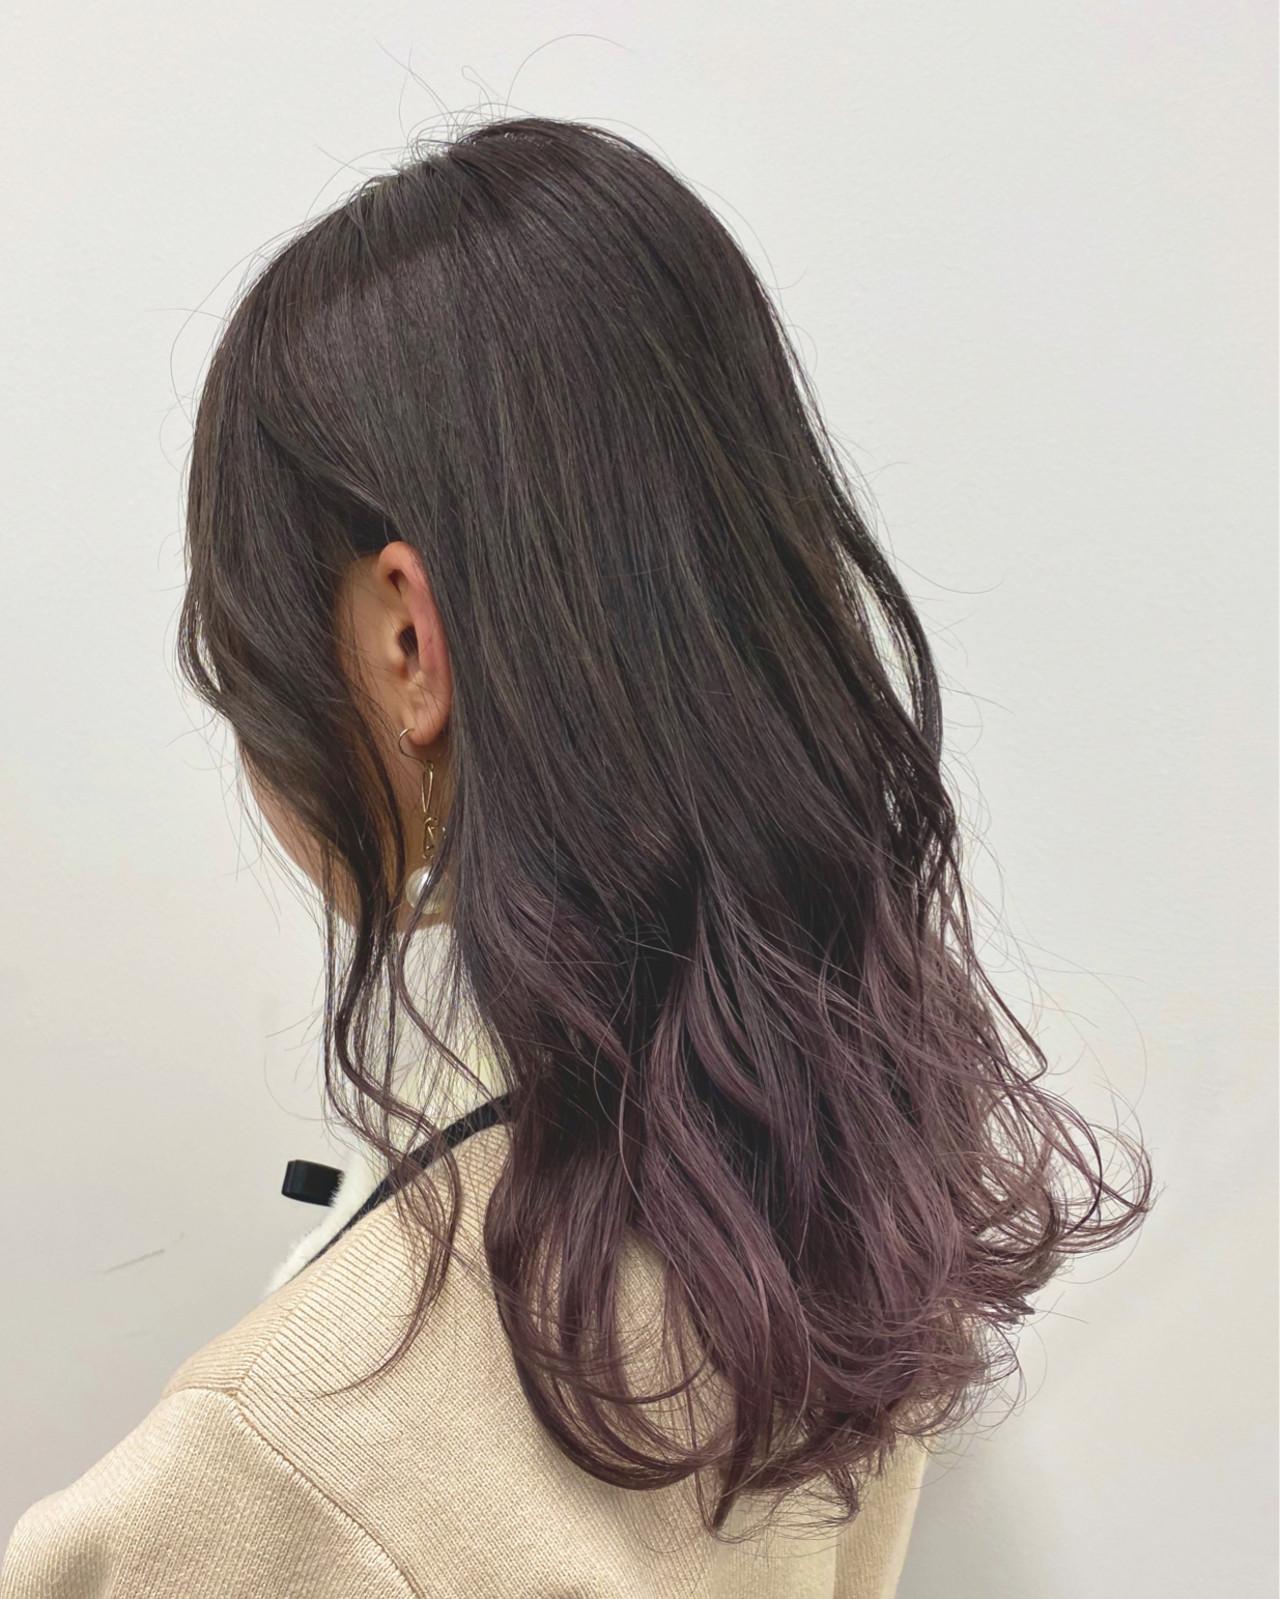 ラベンダーカラー デザインカラー ラベンダーピンク ロング ヘアスタイルや髪型の写真・画像